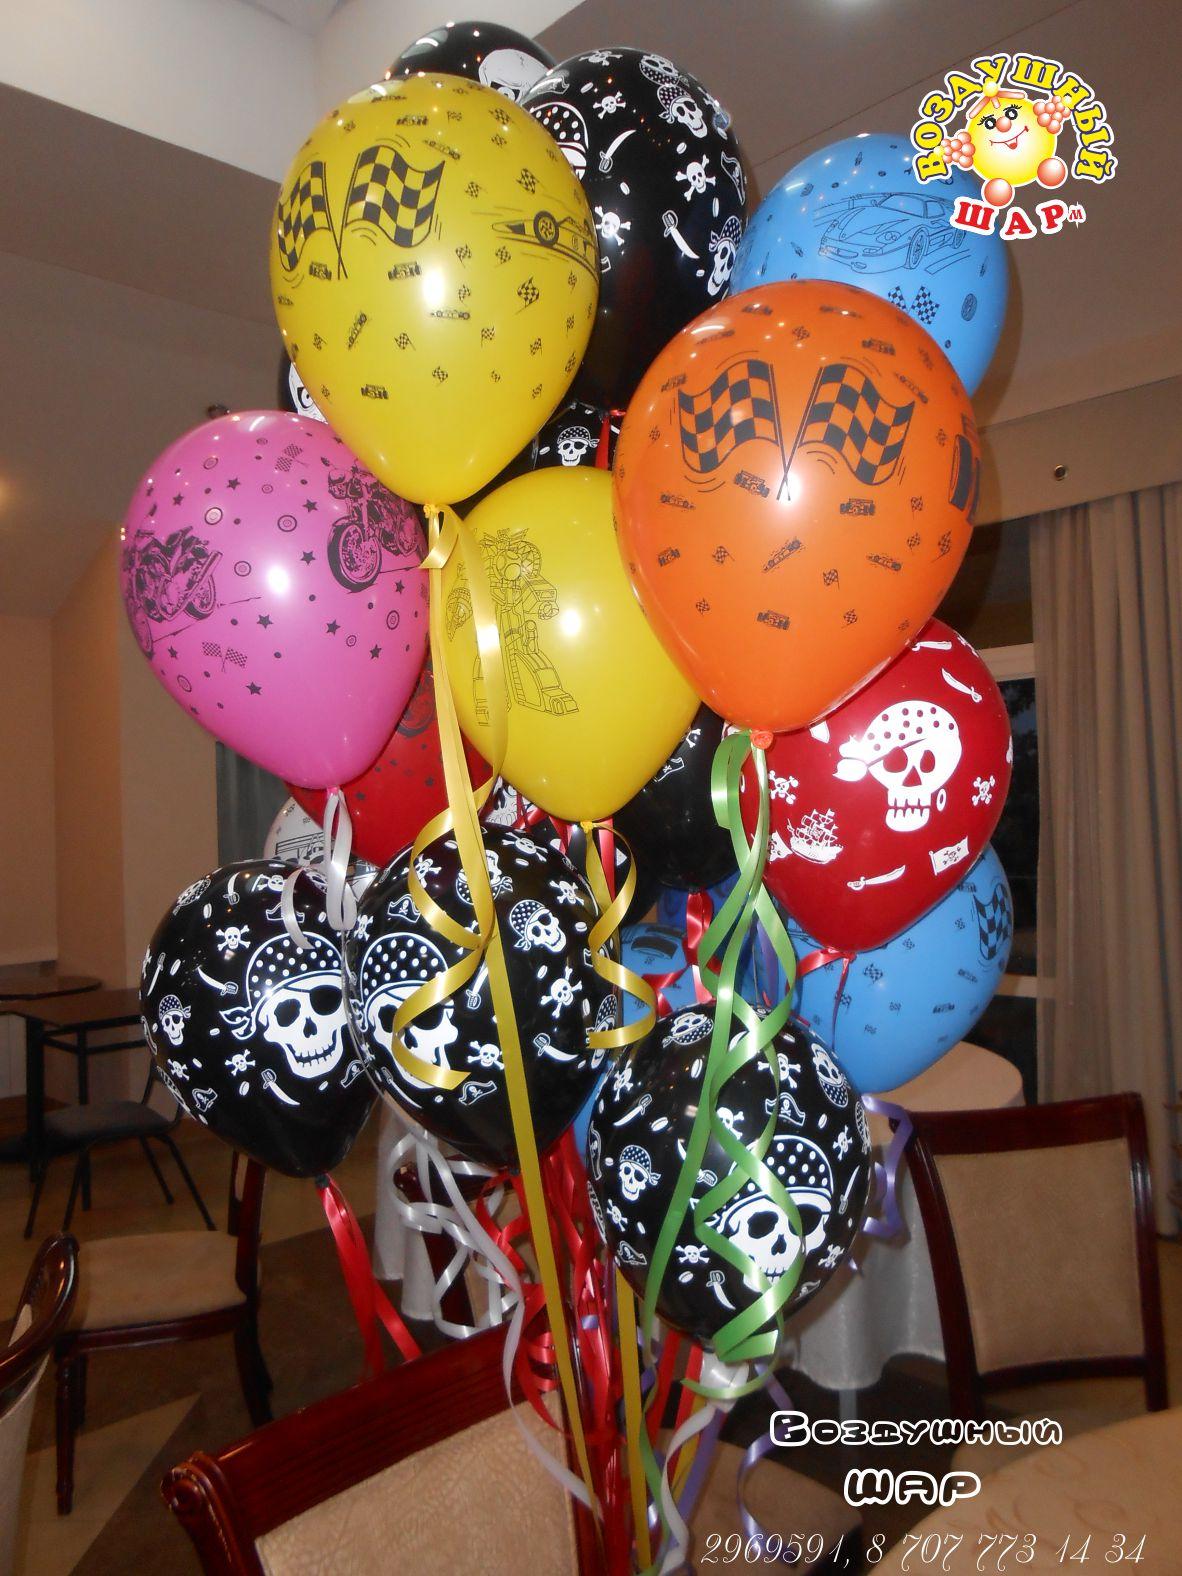 заказать_гелиевые_воздушные_шарики_на_пиратский_день_рождения_в_Алматы.jpg